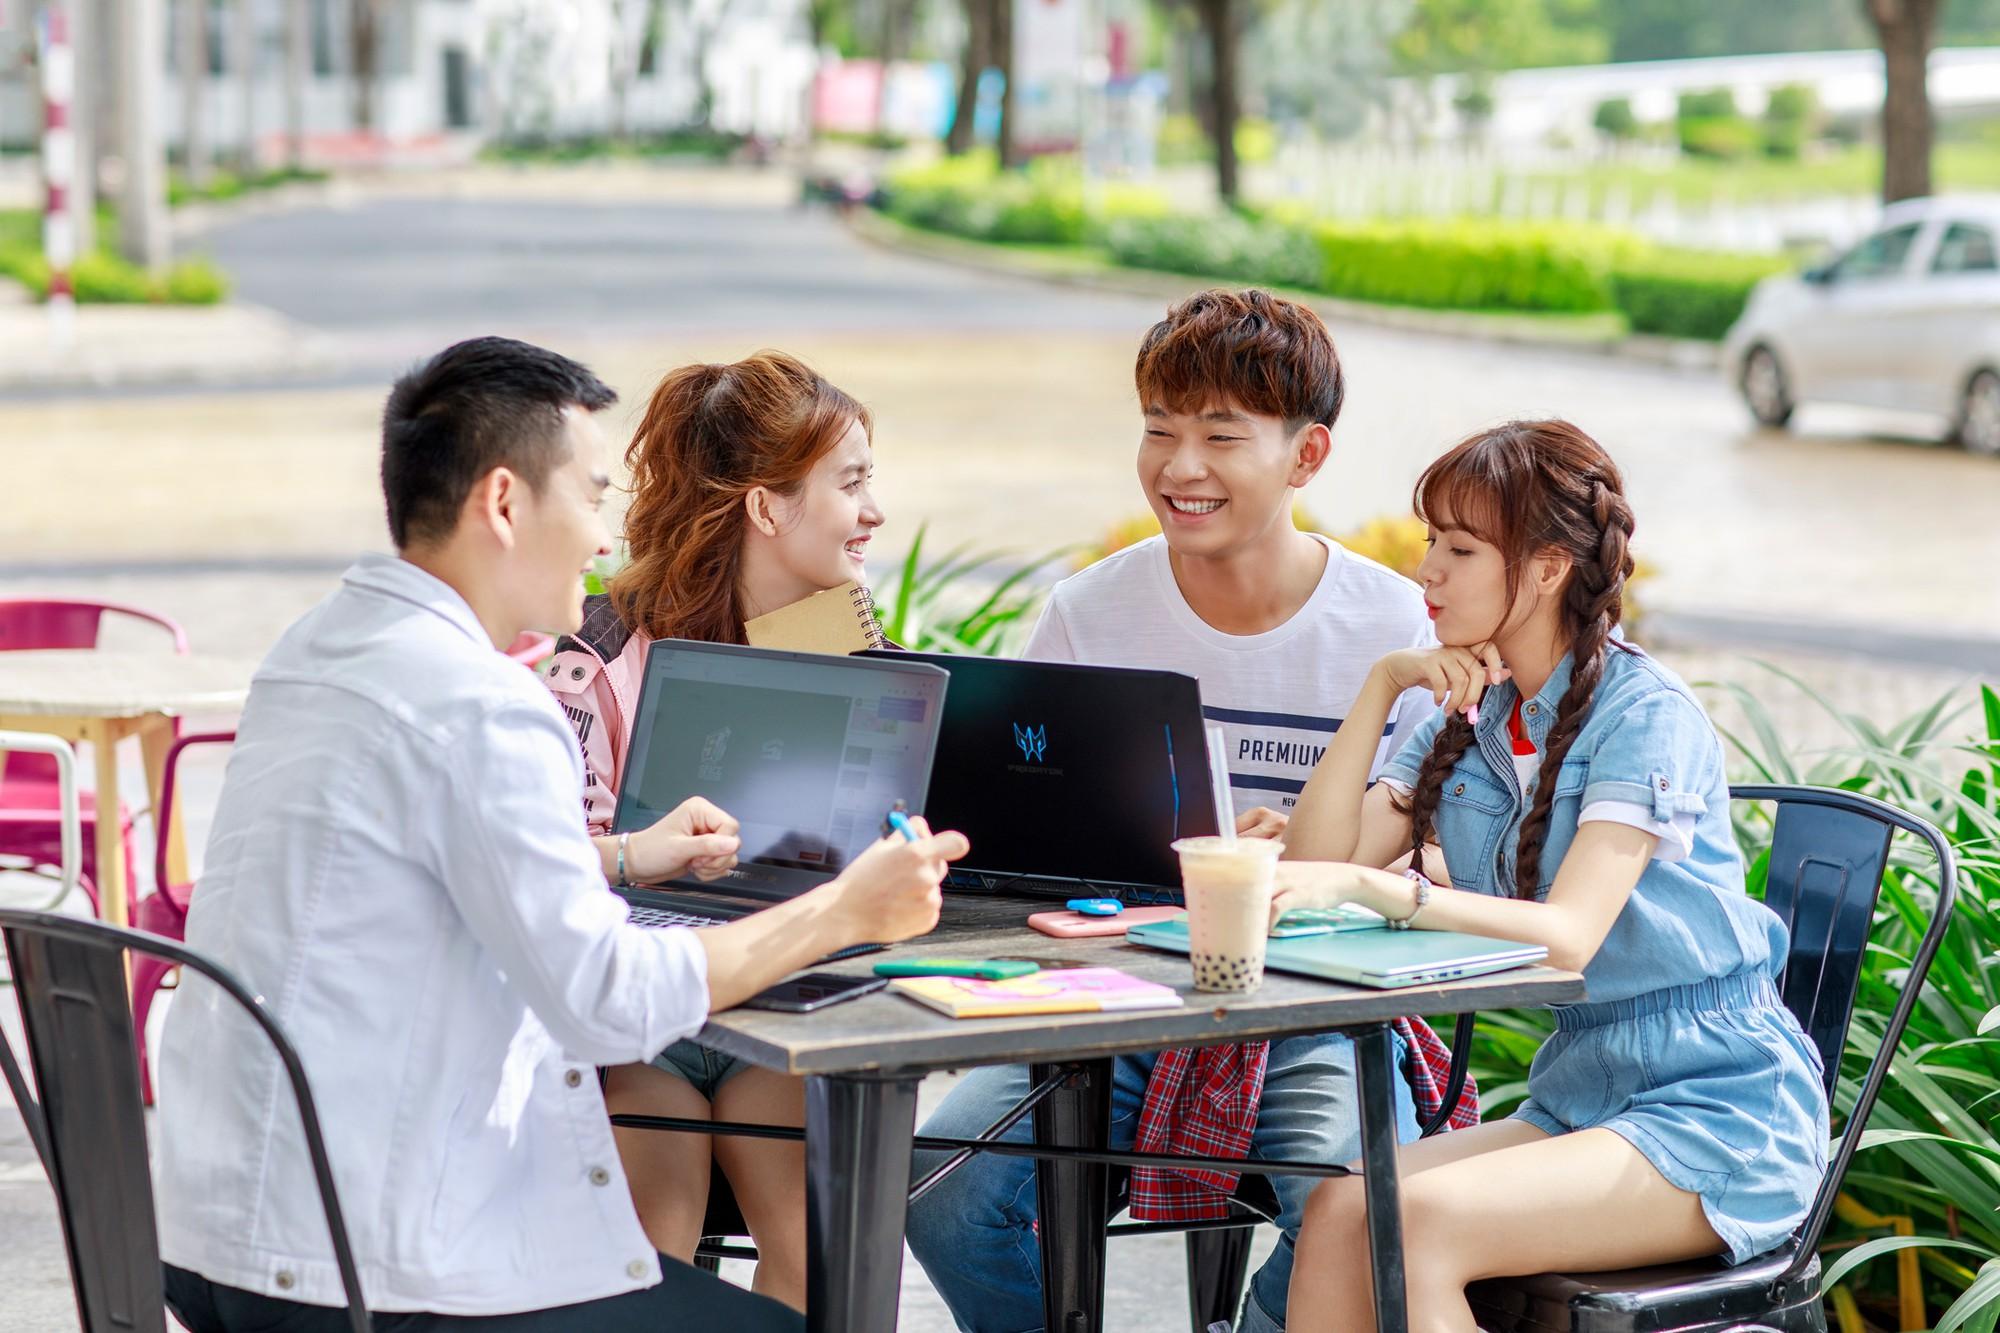 Acer giới thiệu chương trình khuyến mãi lớn nhất trong năm nhân mùa tựu trường Back To School - Ảnh 5.